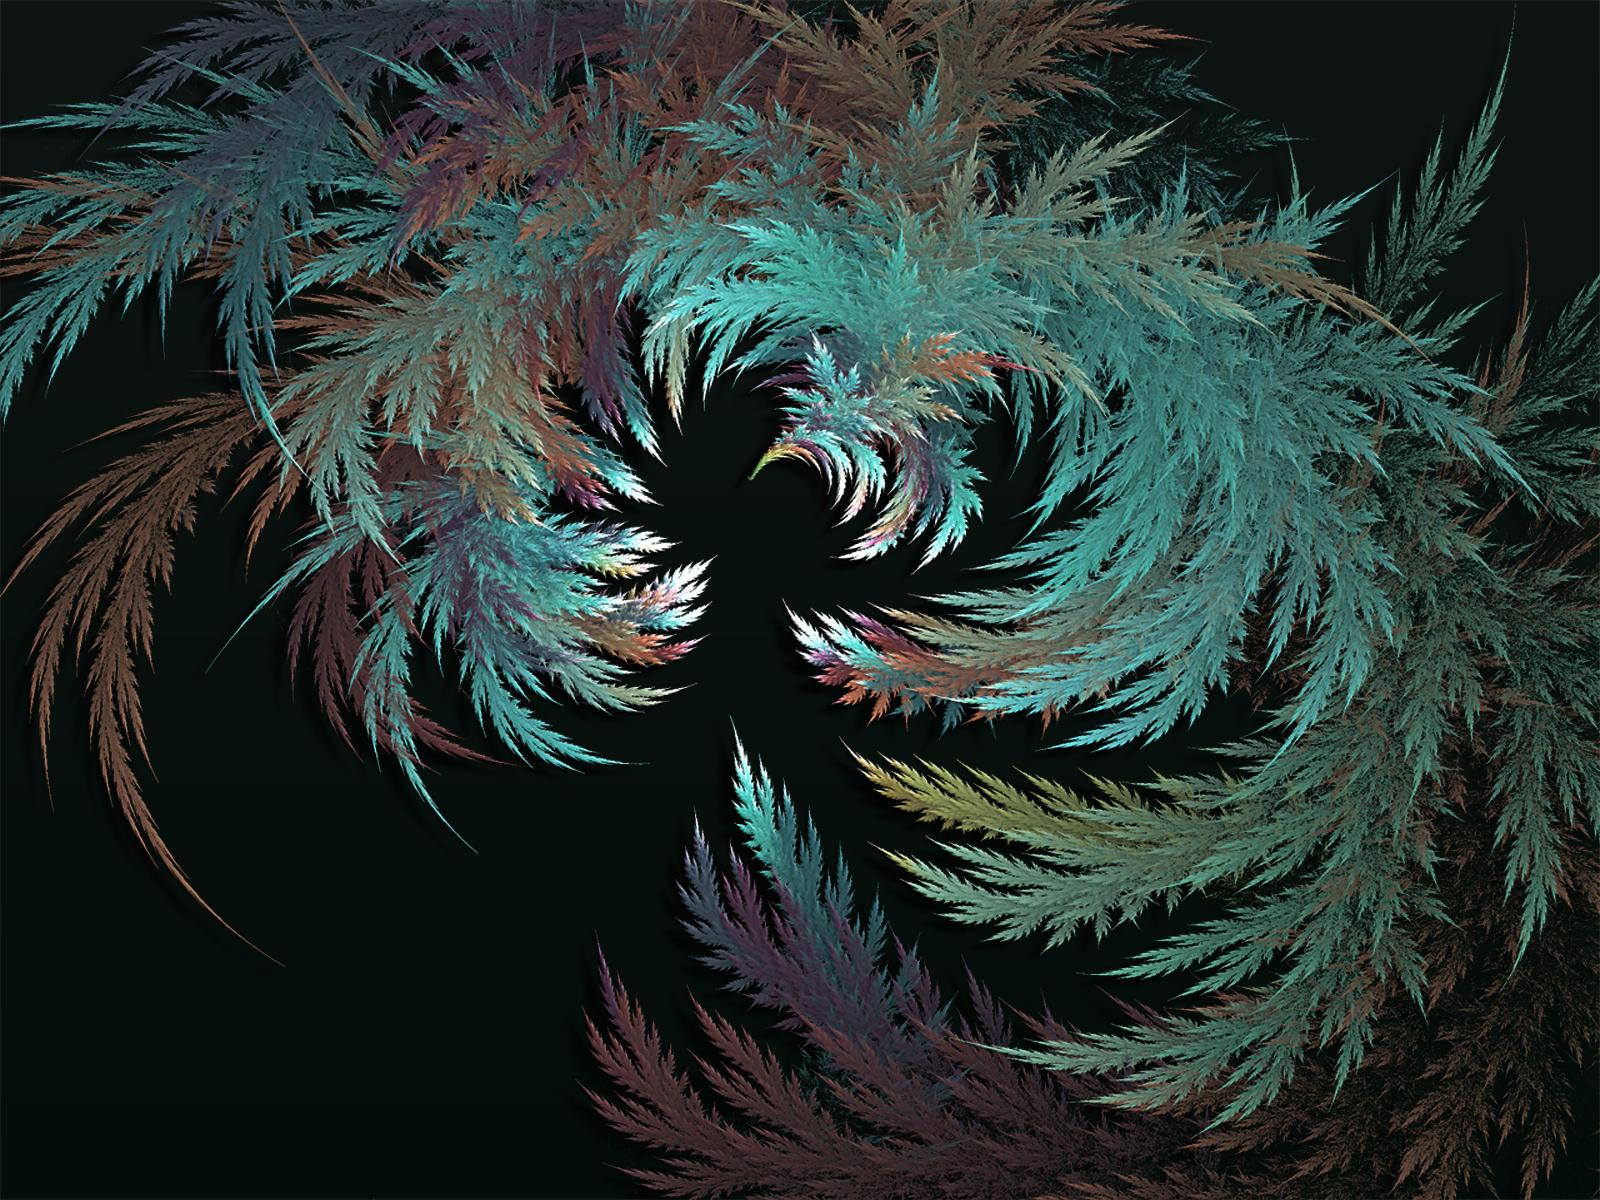 Metallic Leaves by Frankief